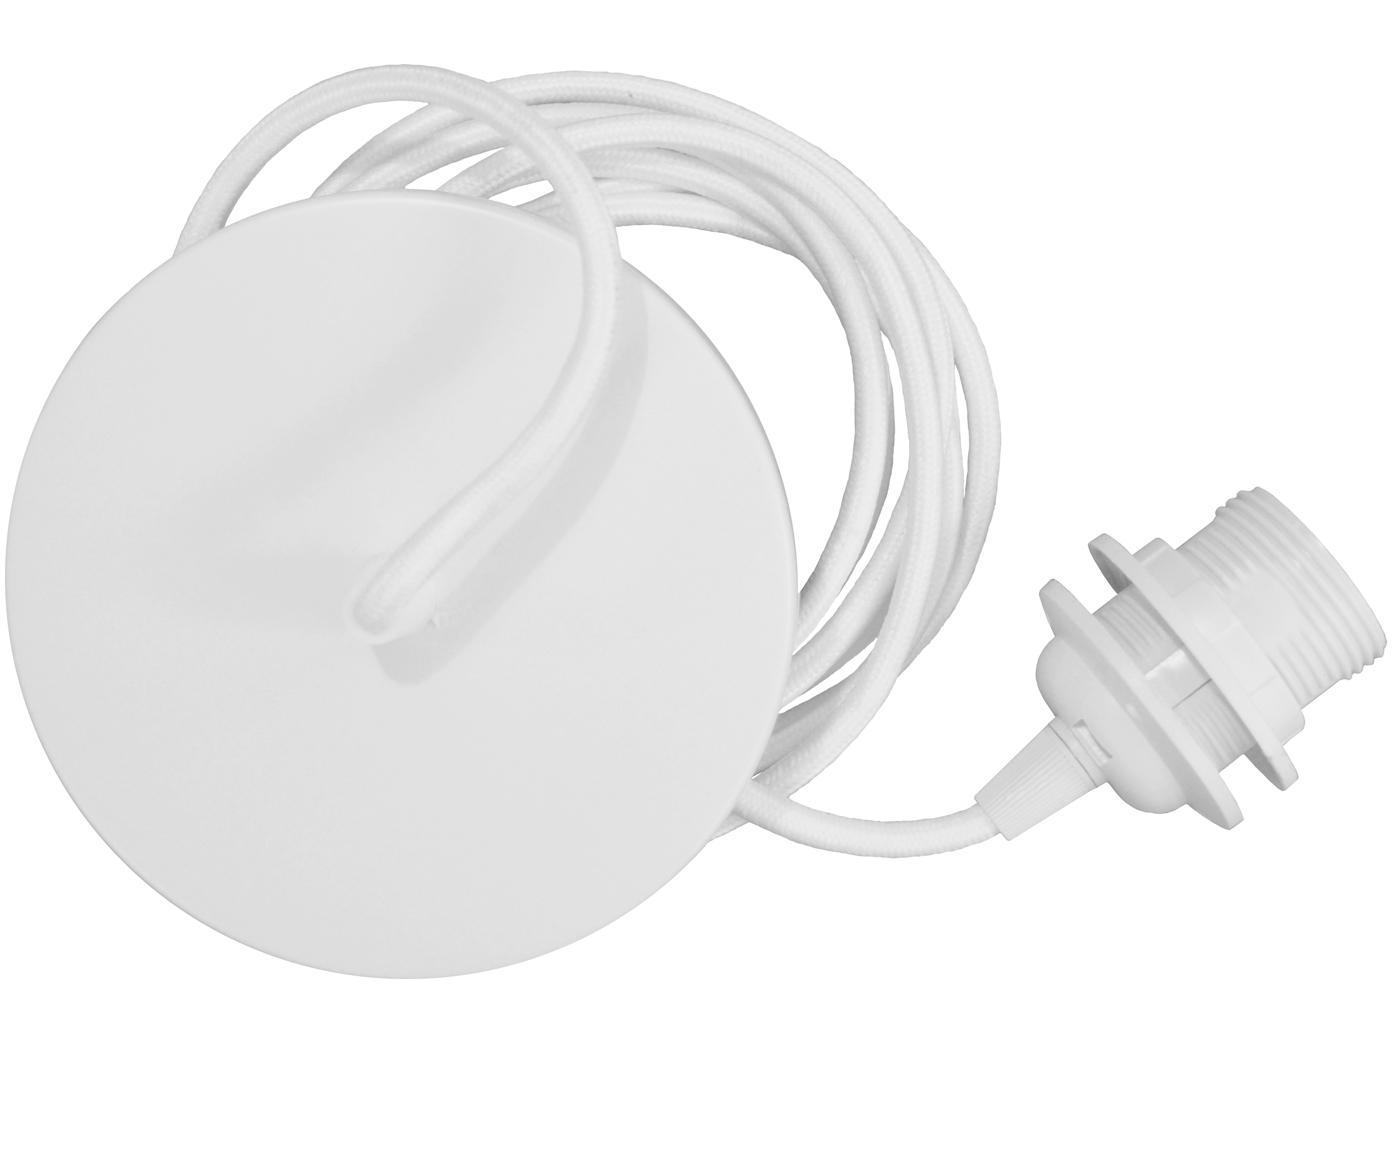 Zawieszenie do lampy Umage, Biały, Ø 14 x W 3 cm